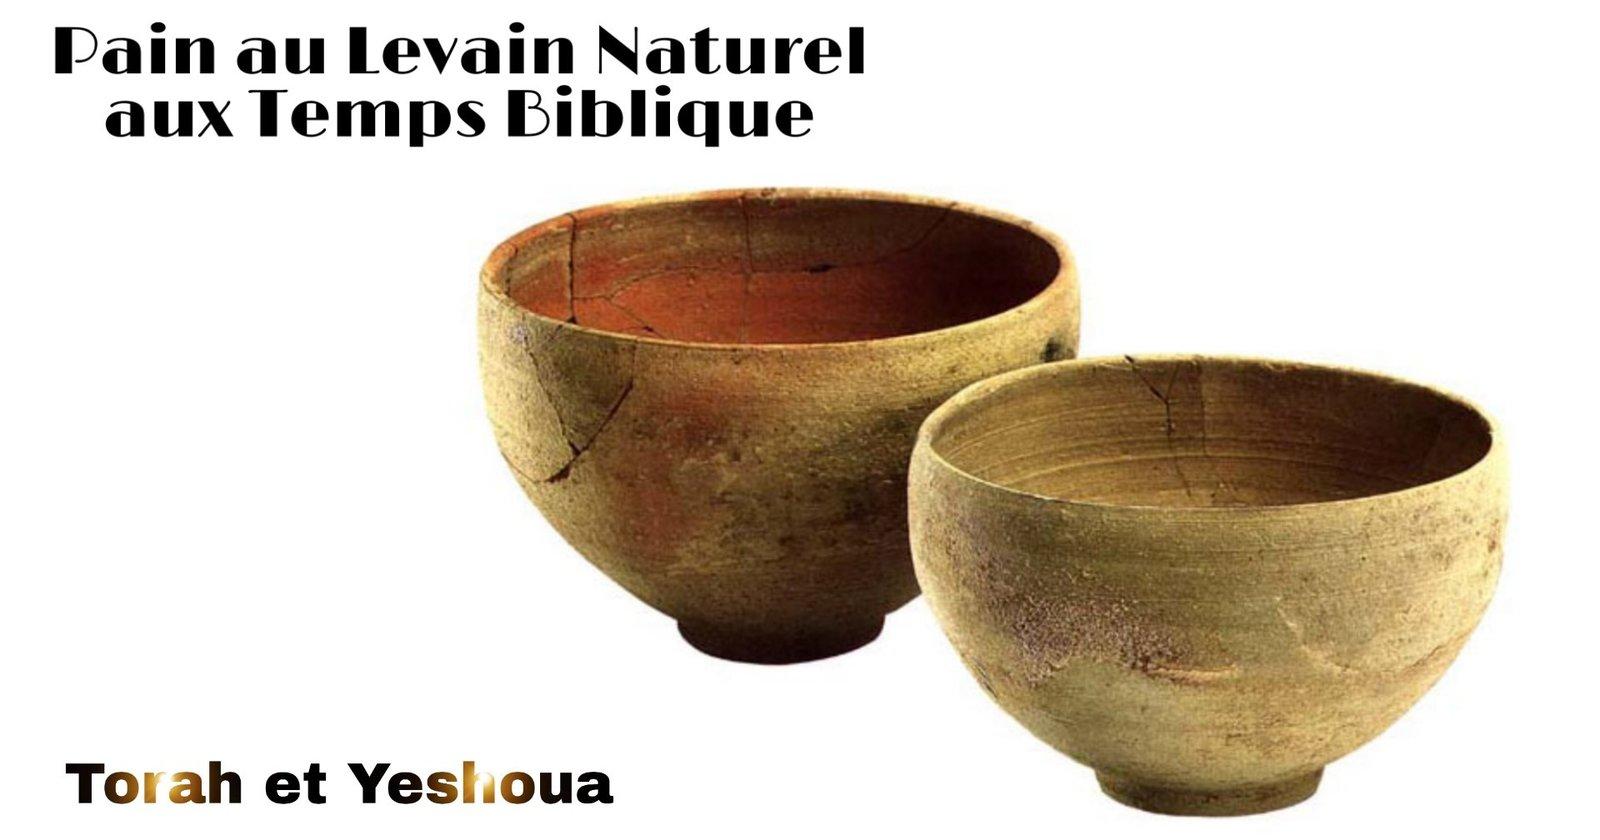 1 - Pain au Levain Naturel aux Temps Biblique 200609071916517473